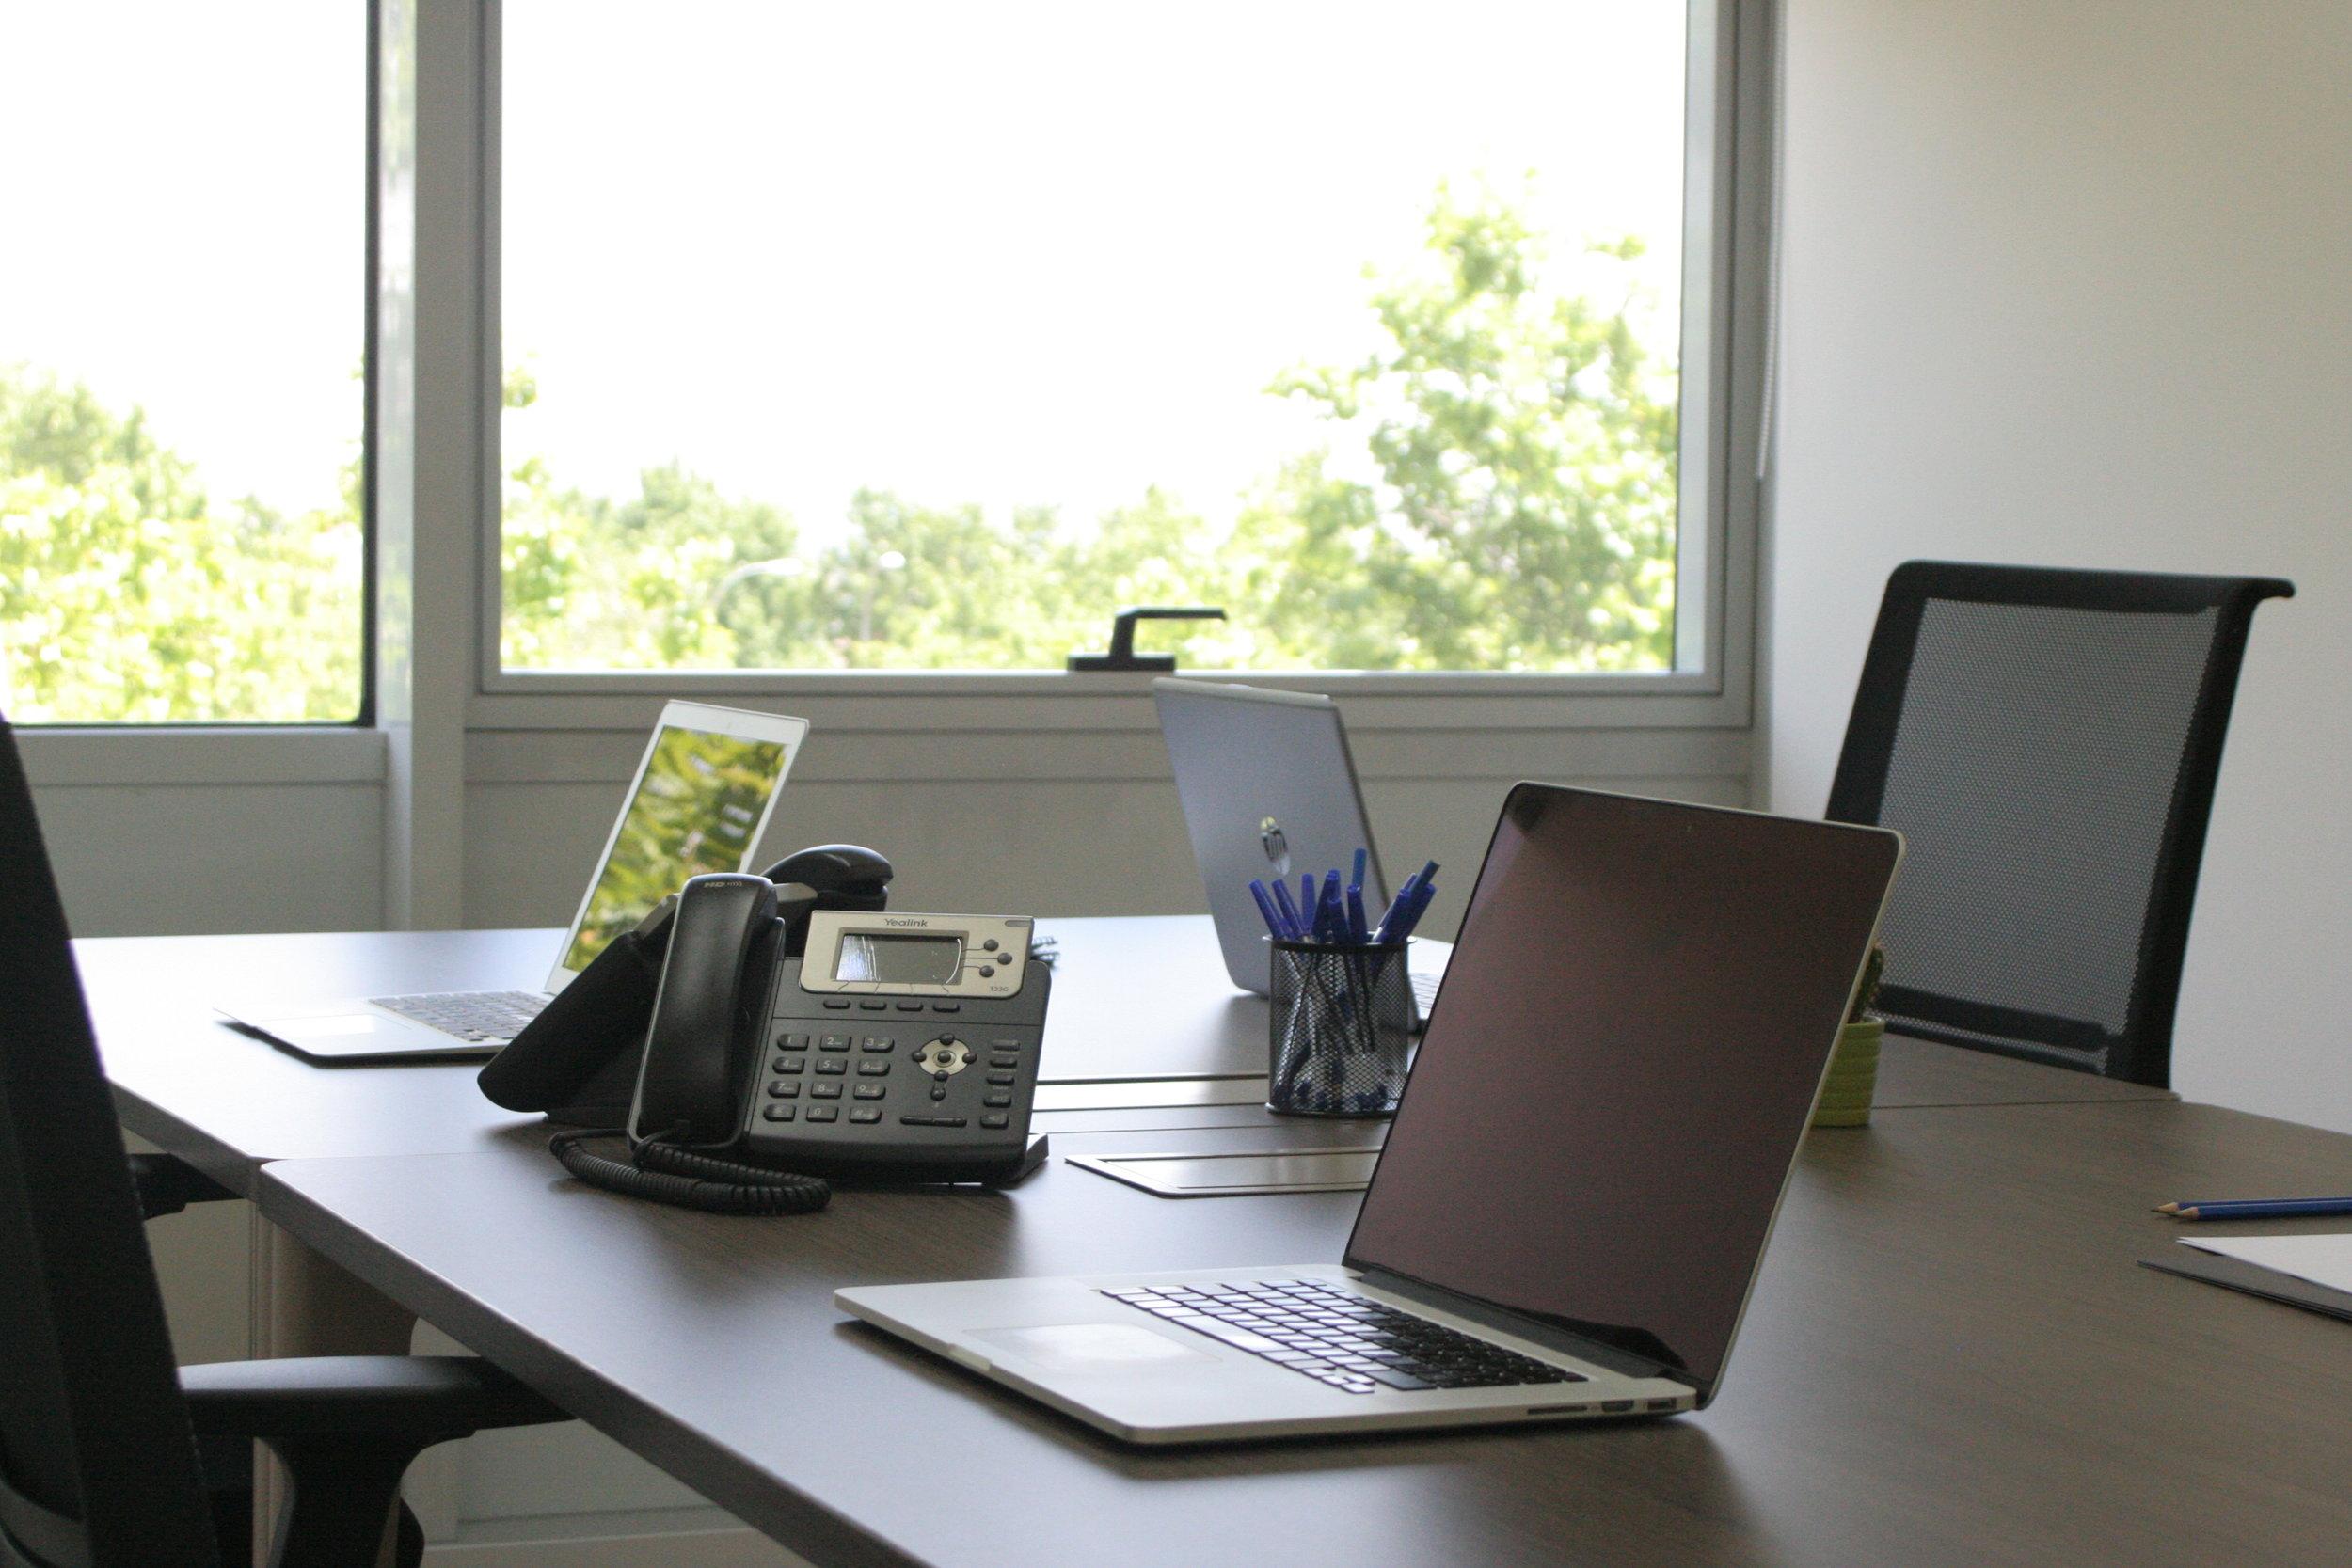 Vanguardia y diseño - Ponemos a tu disposición diferentes despachos y oficinas que se ajustan a lo que de verdad necesitas. Podrás disponer de un lugar de trabajo profesional y vanguardista.